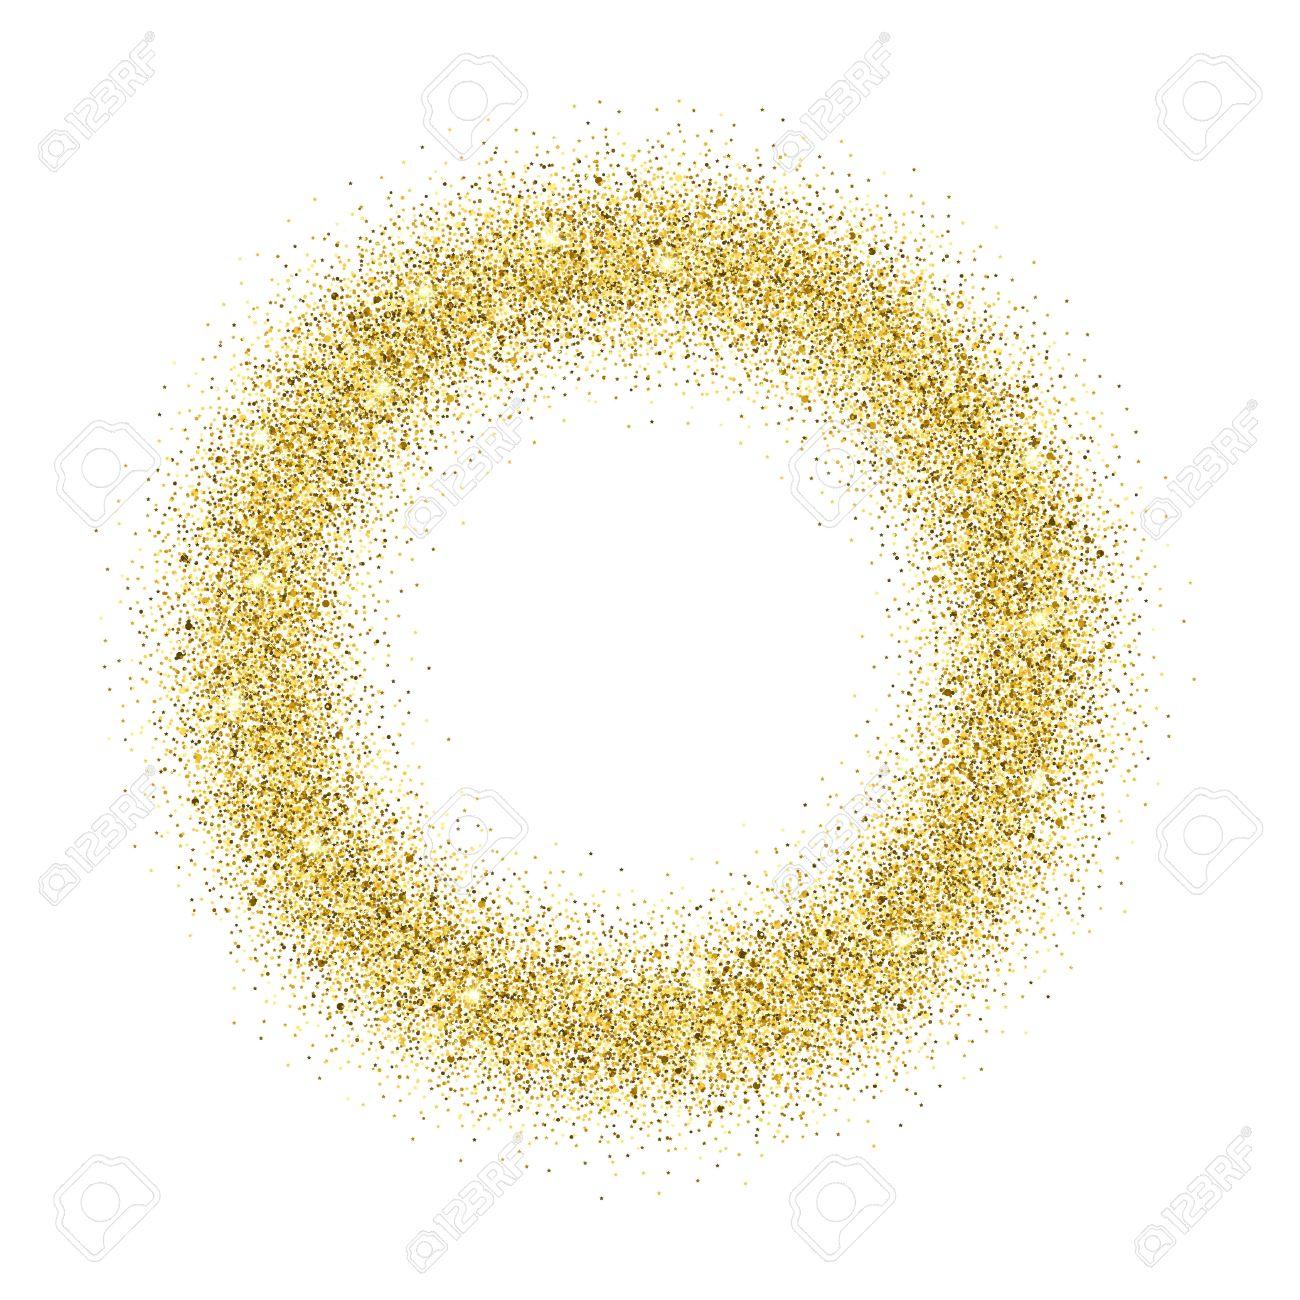 Fondo Del Brillo Del Oro. La Chispa Del Oro Marco Redondo. Plantilla ...